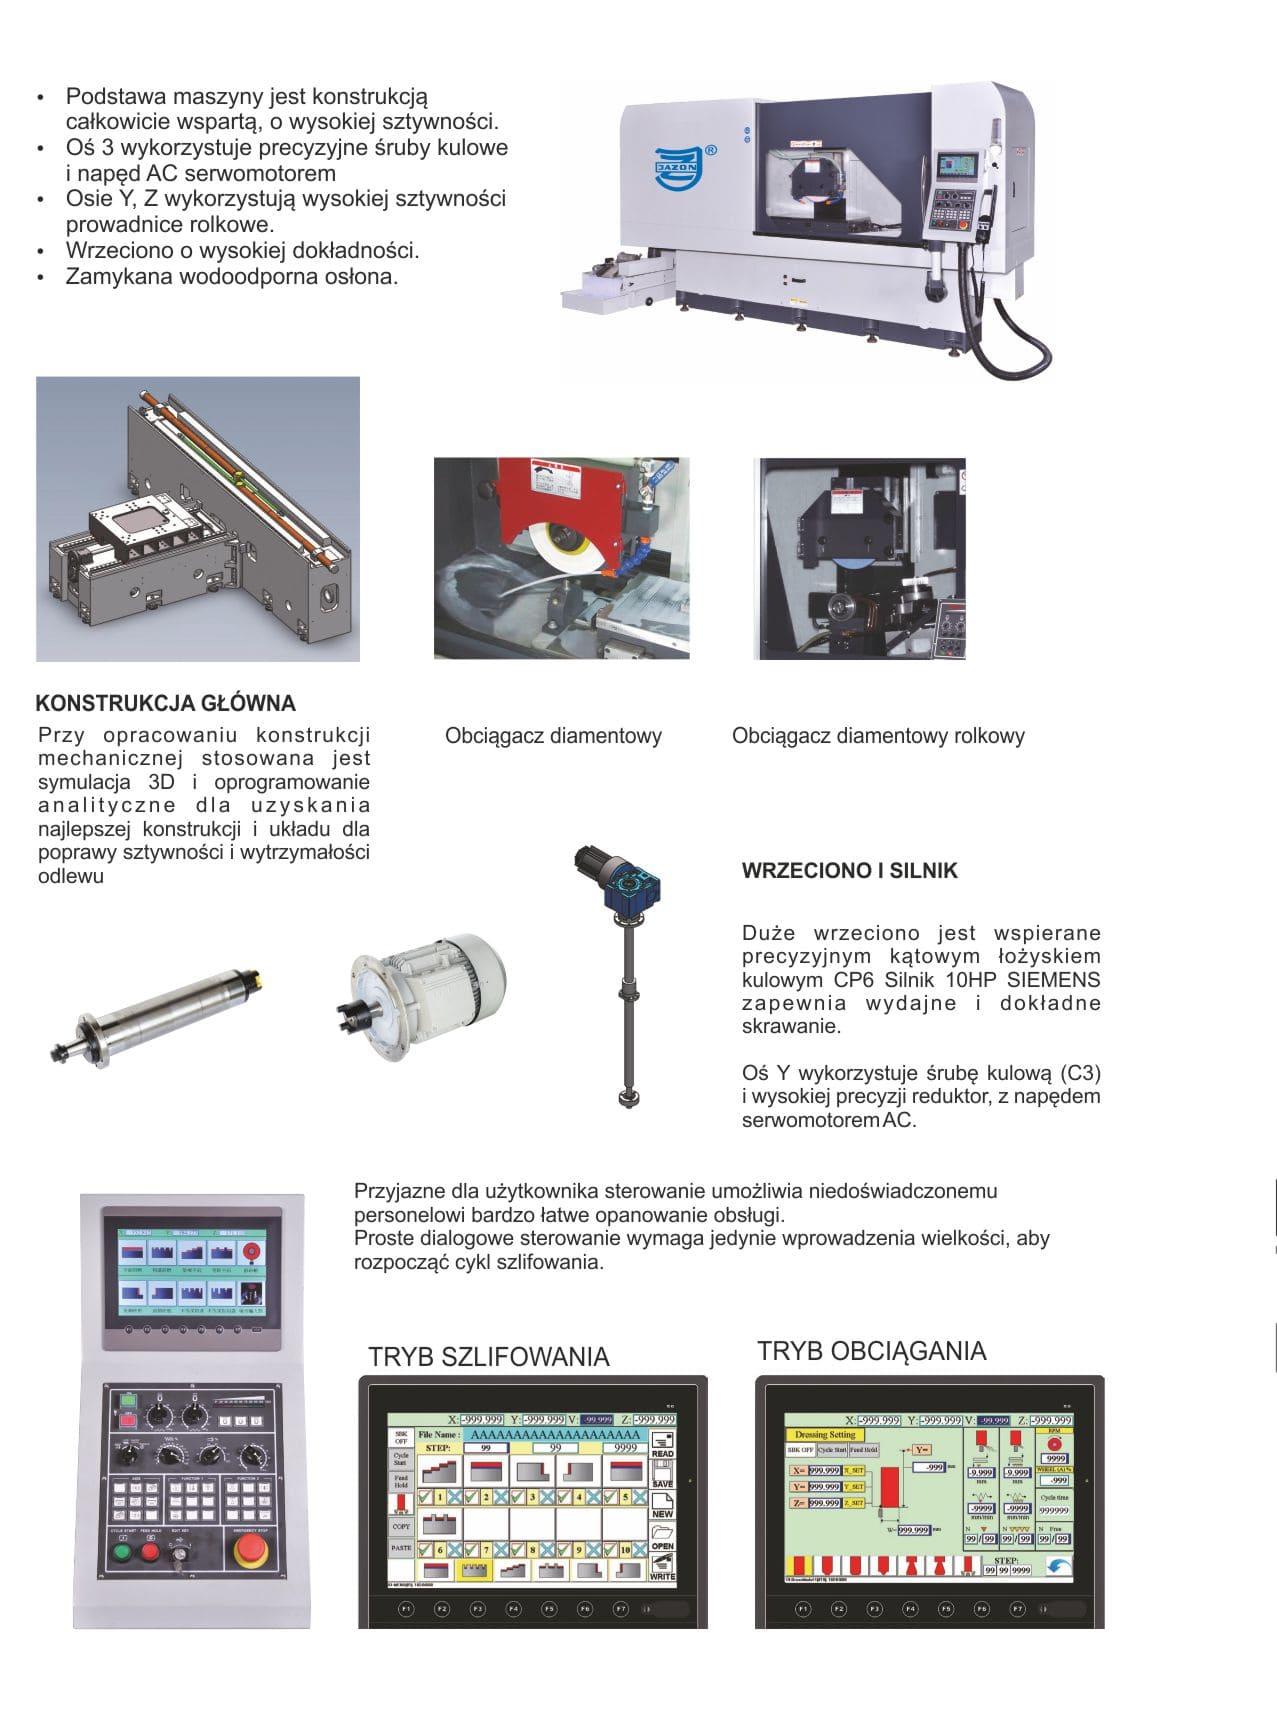 DSG_opis techniczny.jpg